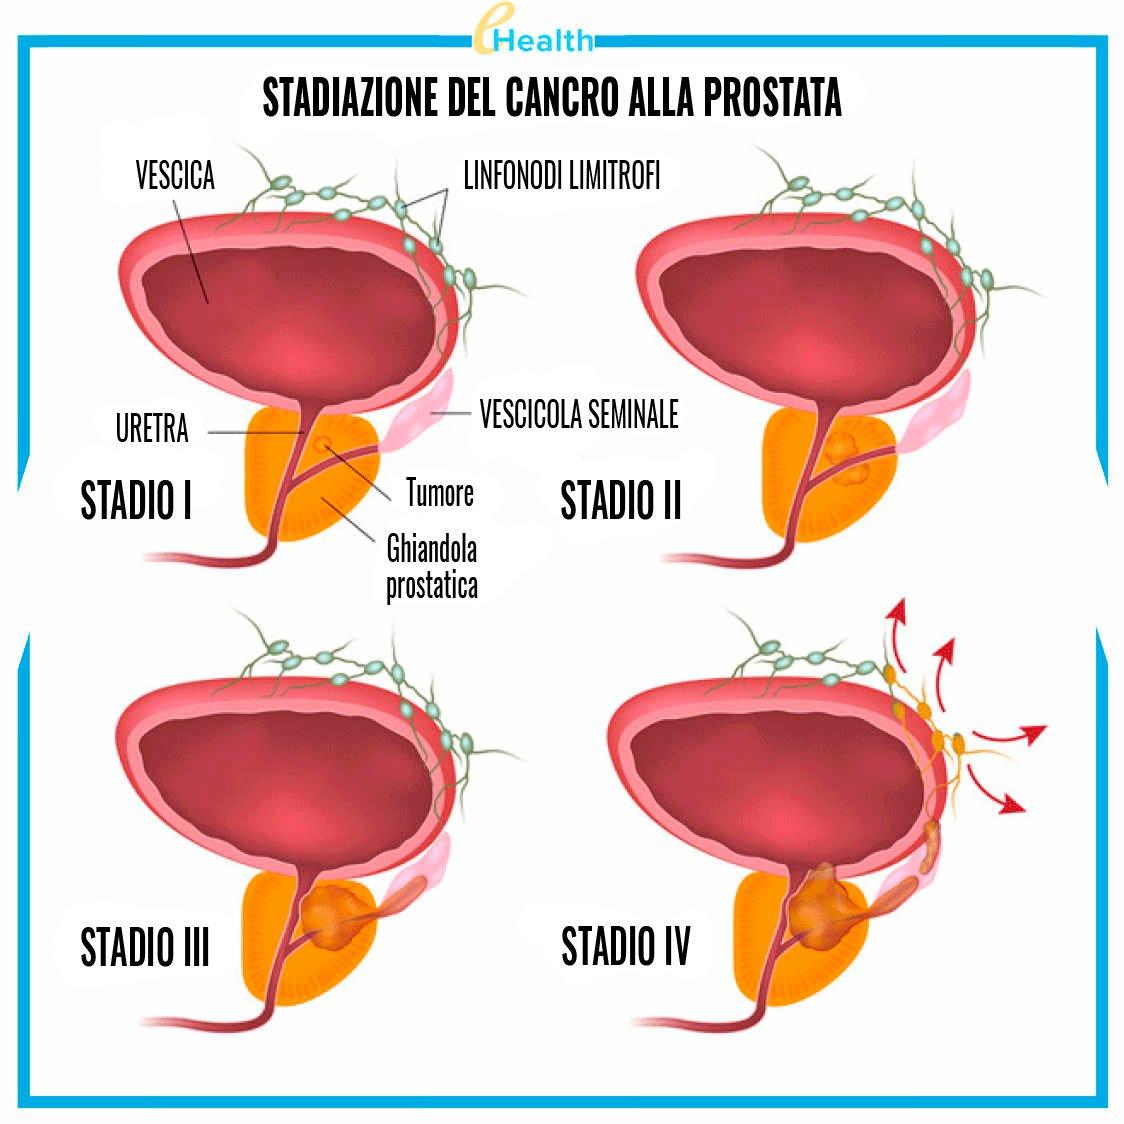 prostata ingrossata o tumore